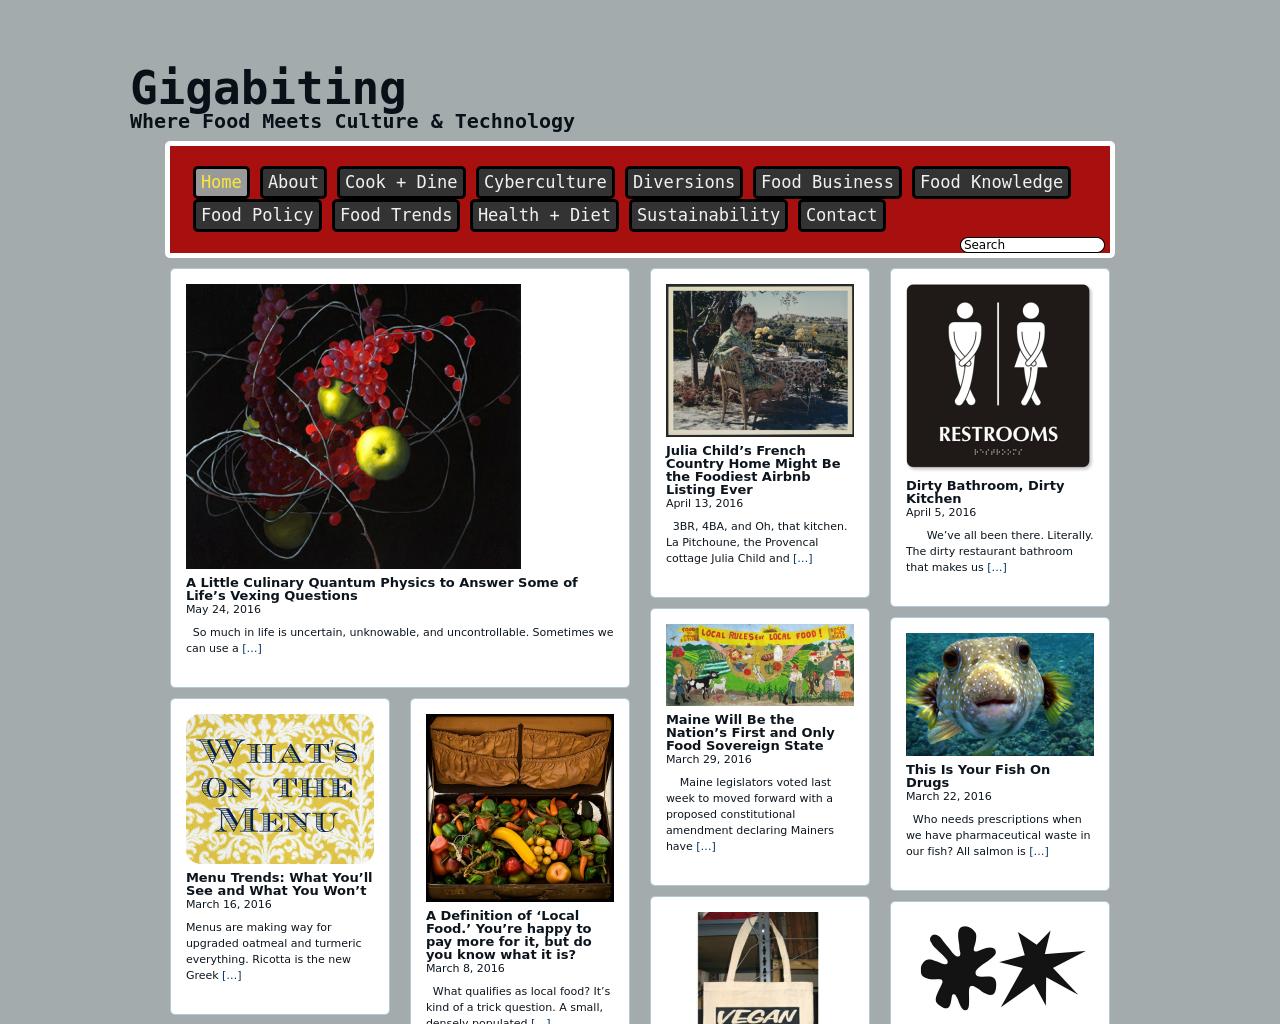 Gigabiting-Advertising-Reviews-Pricing